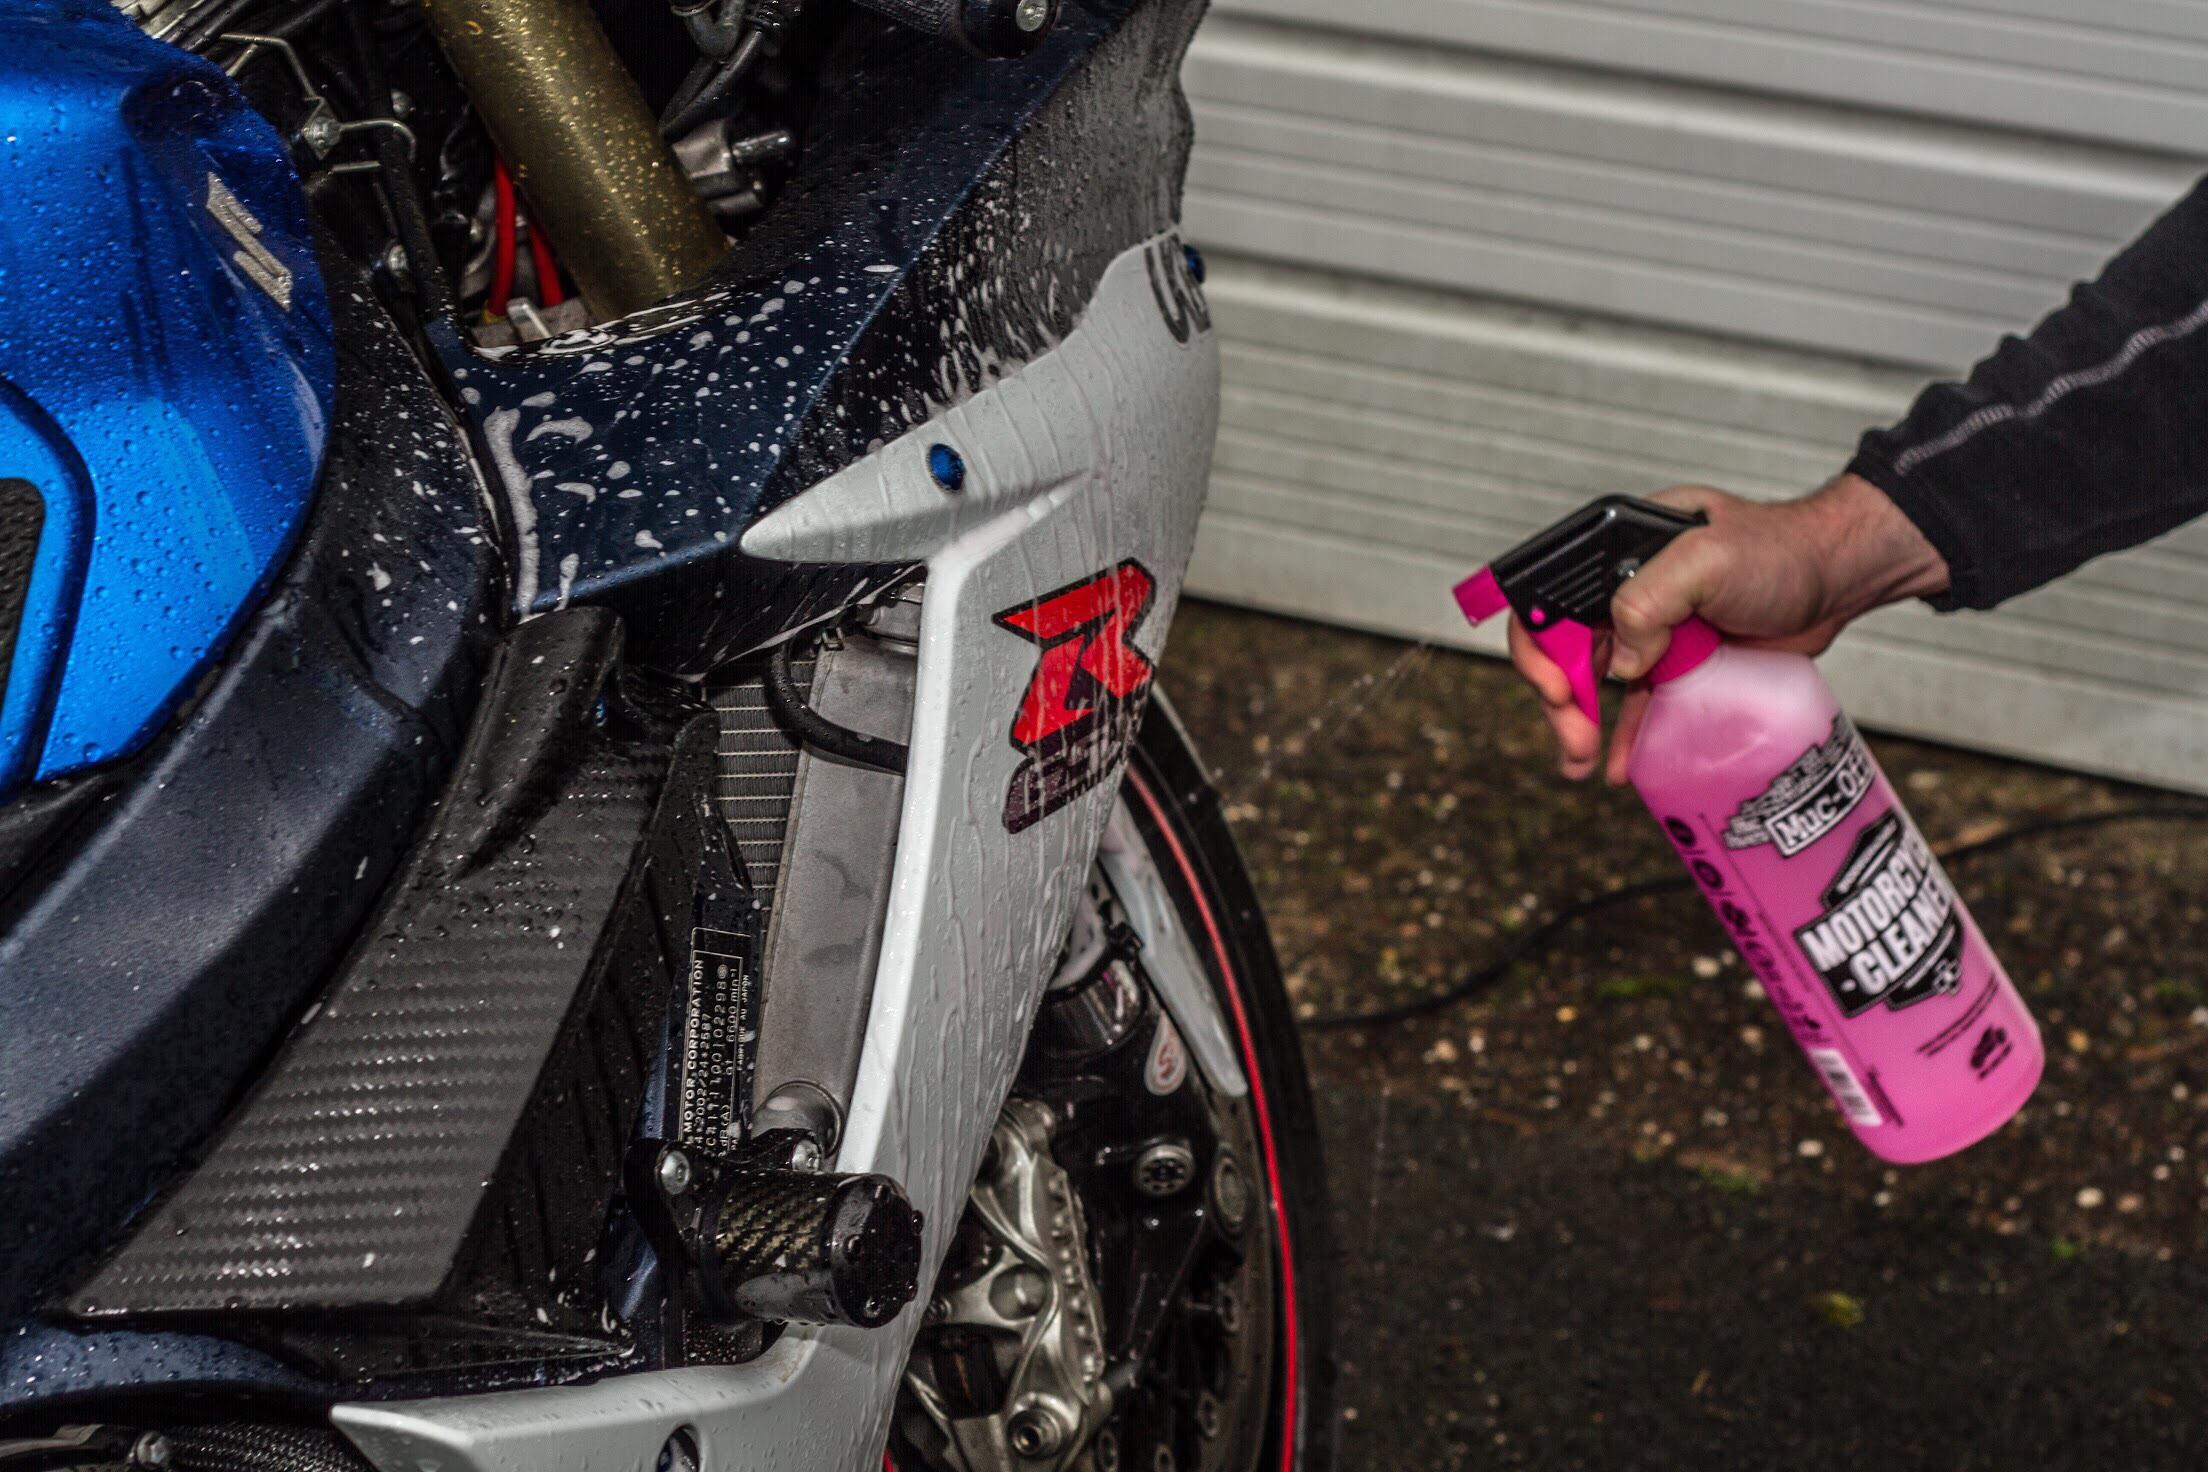 Muc-off bike